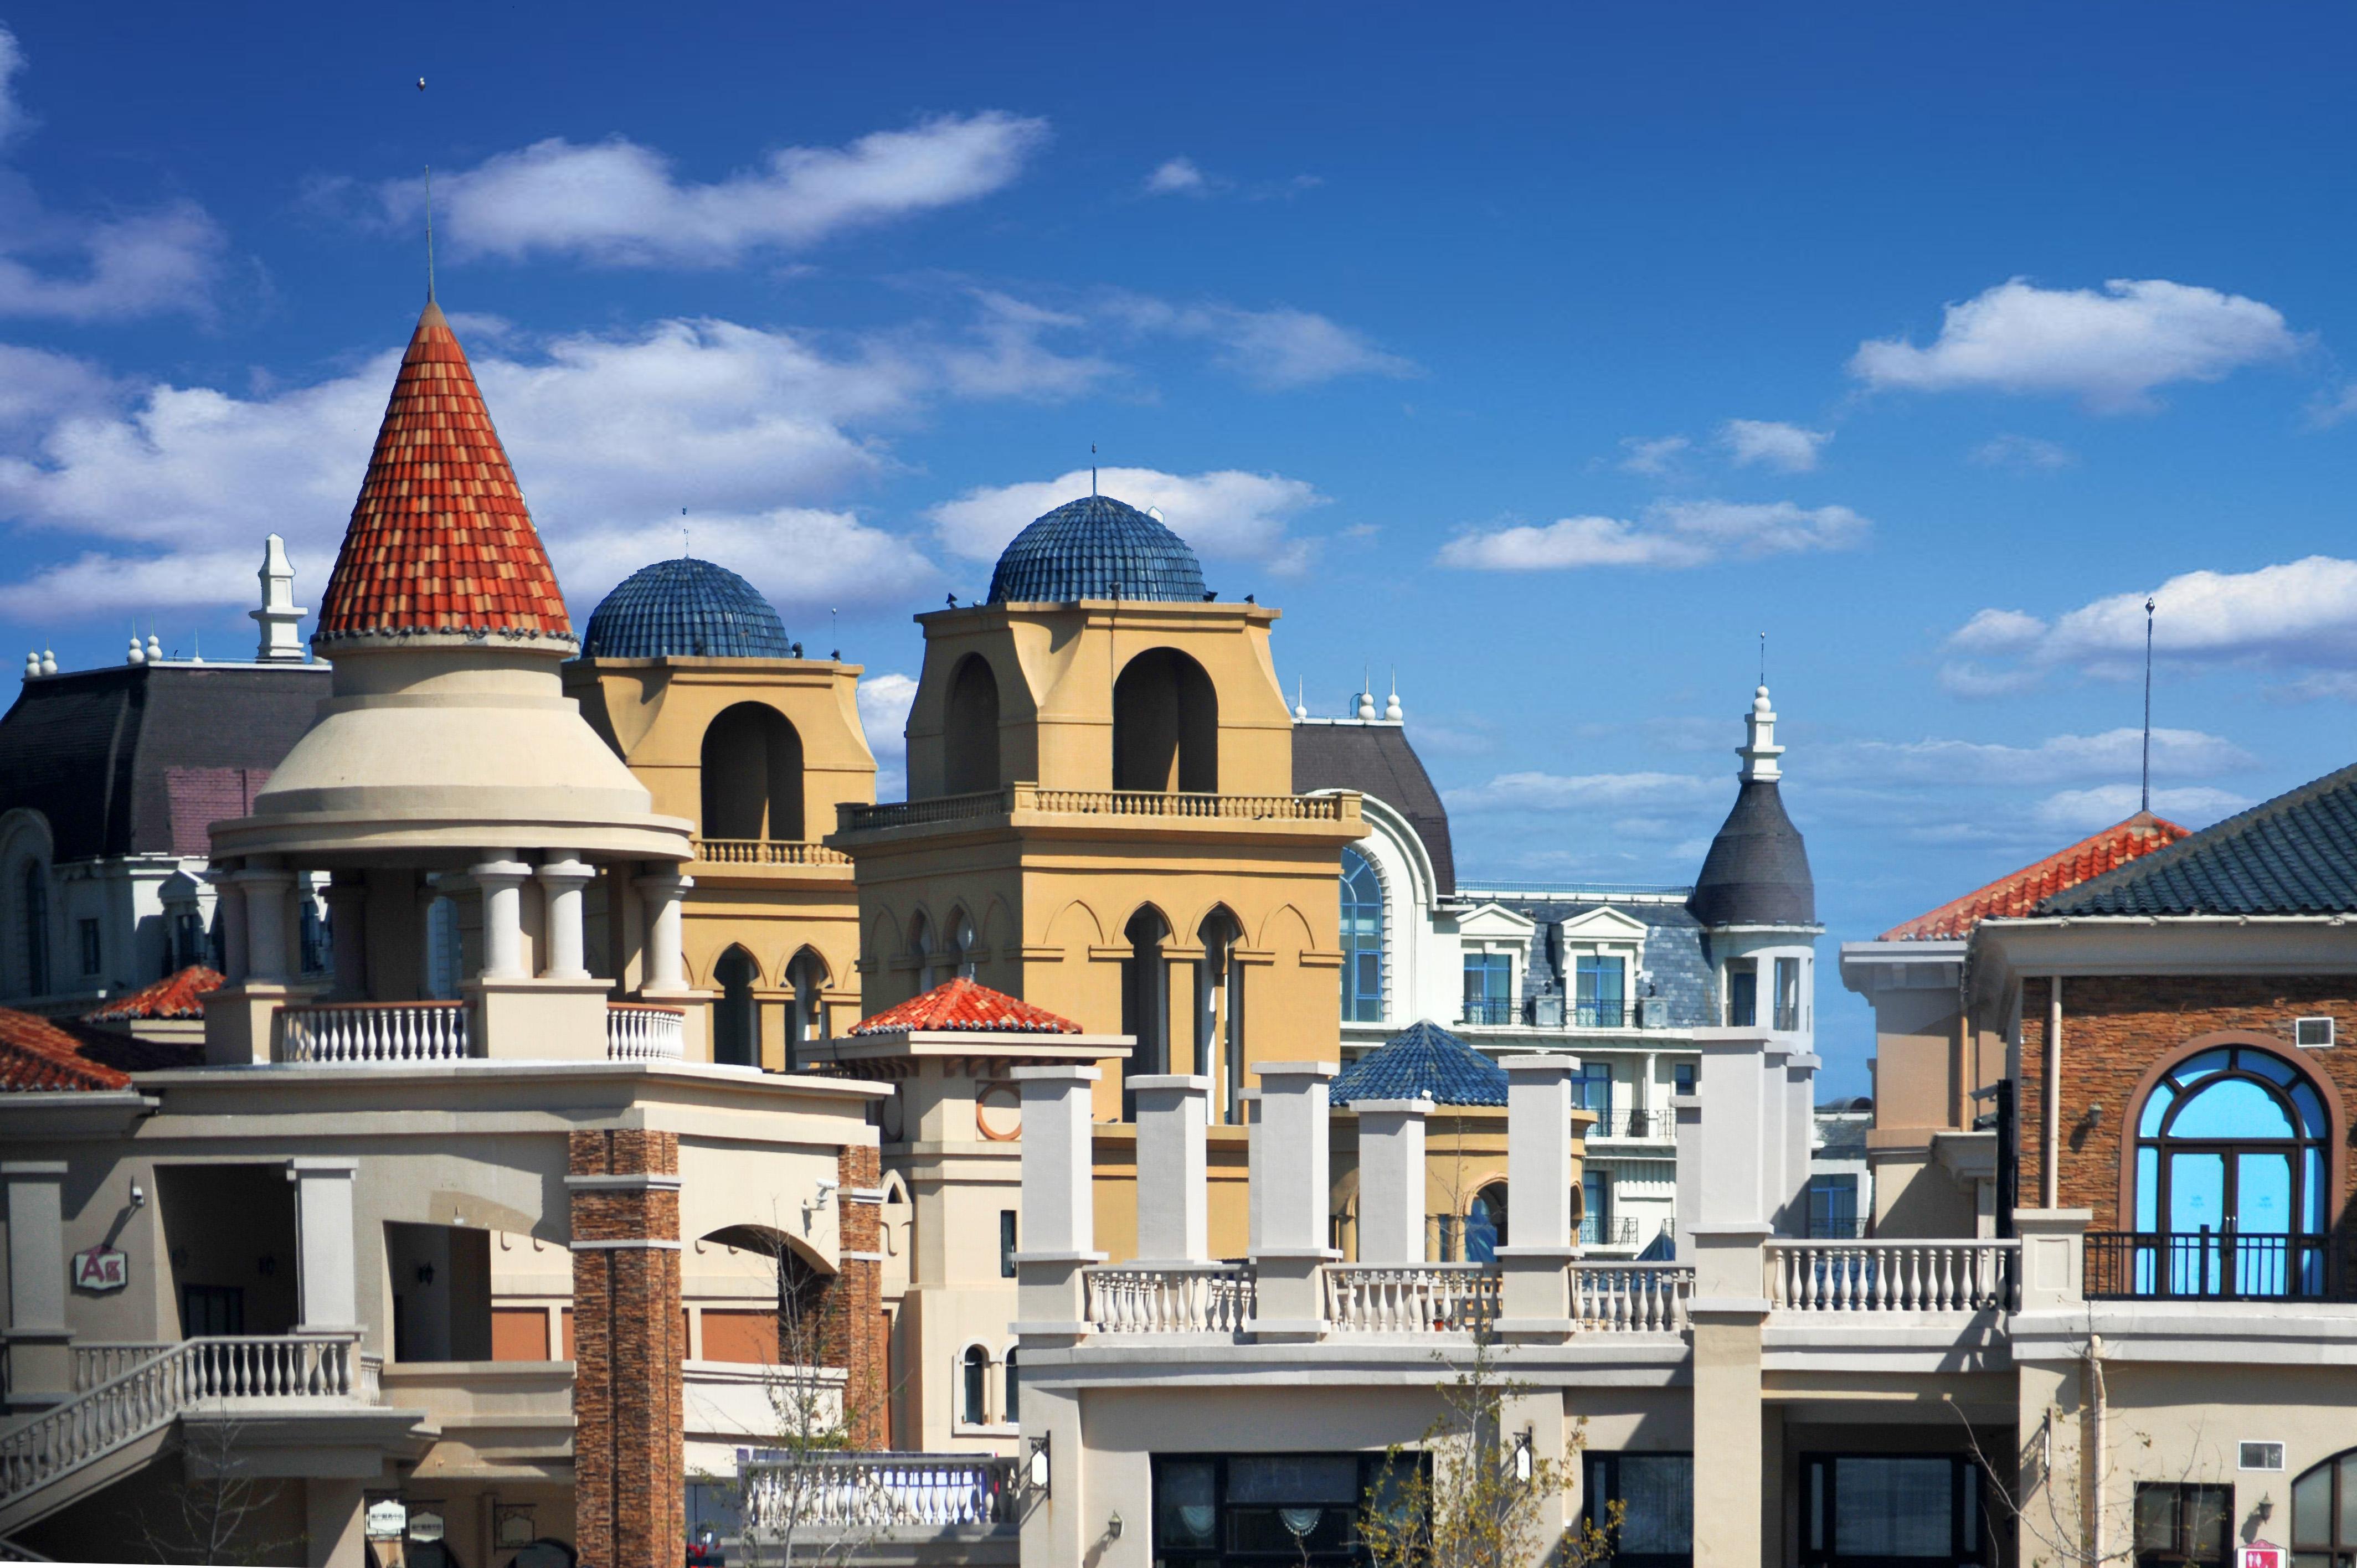 海边欧式建筑风格